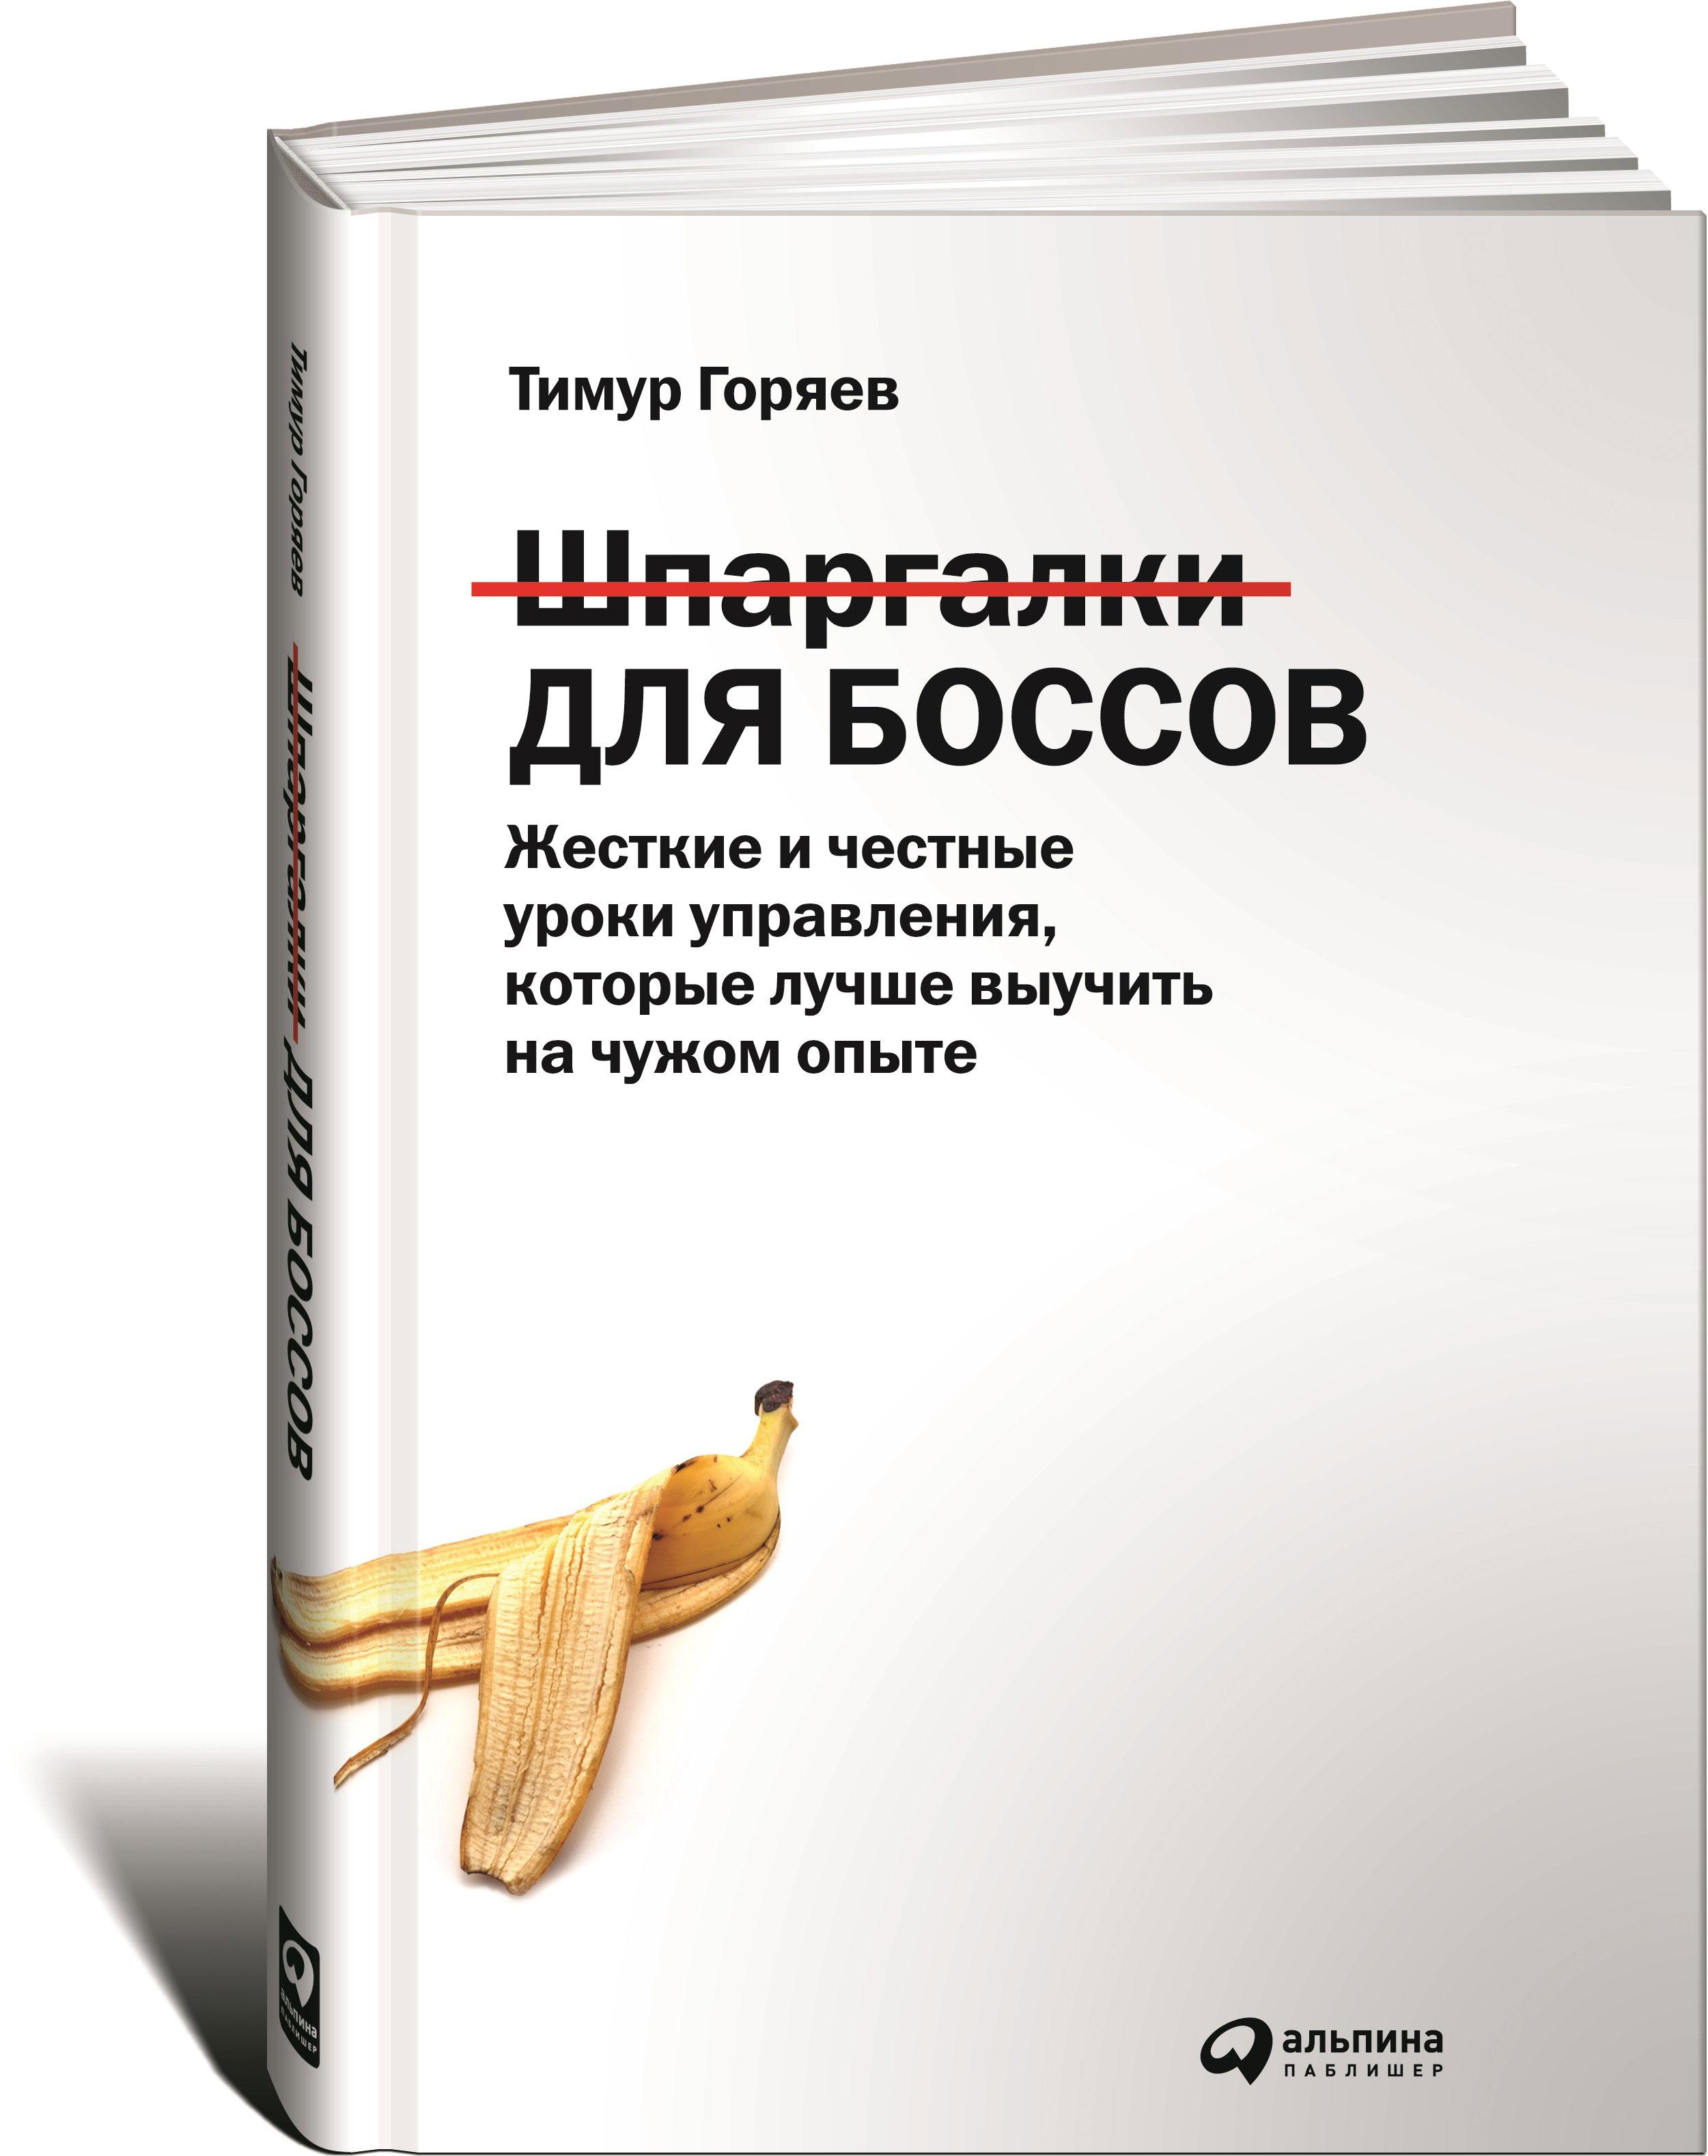 Тимур Горяев Шпаргалки для боссов. Жесткие и честные уроки управления, которые лучше выучить на чужом опыте